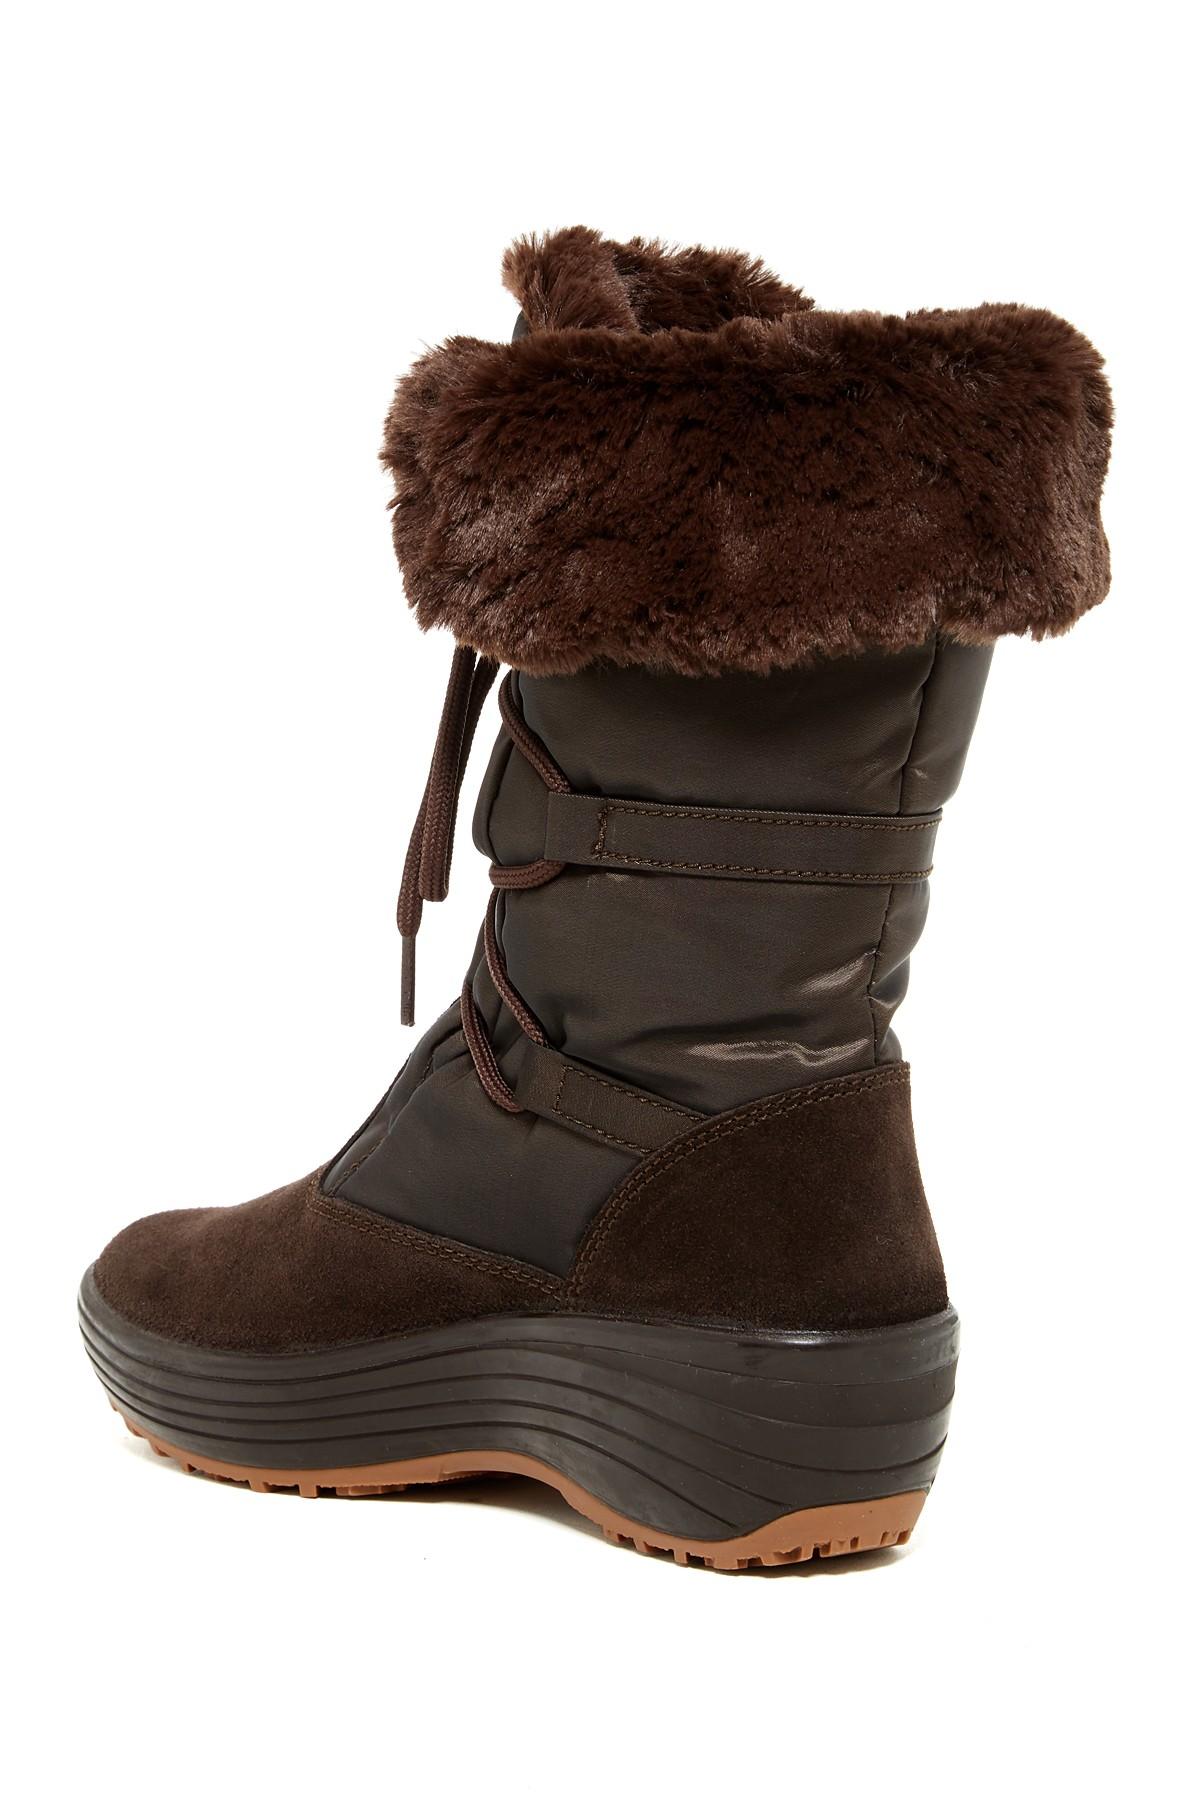 Pajar Paris Faux Fur Lined Boot In Brown Lyst